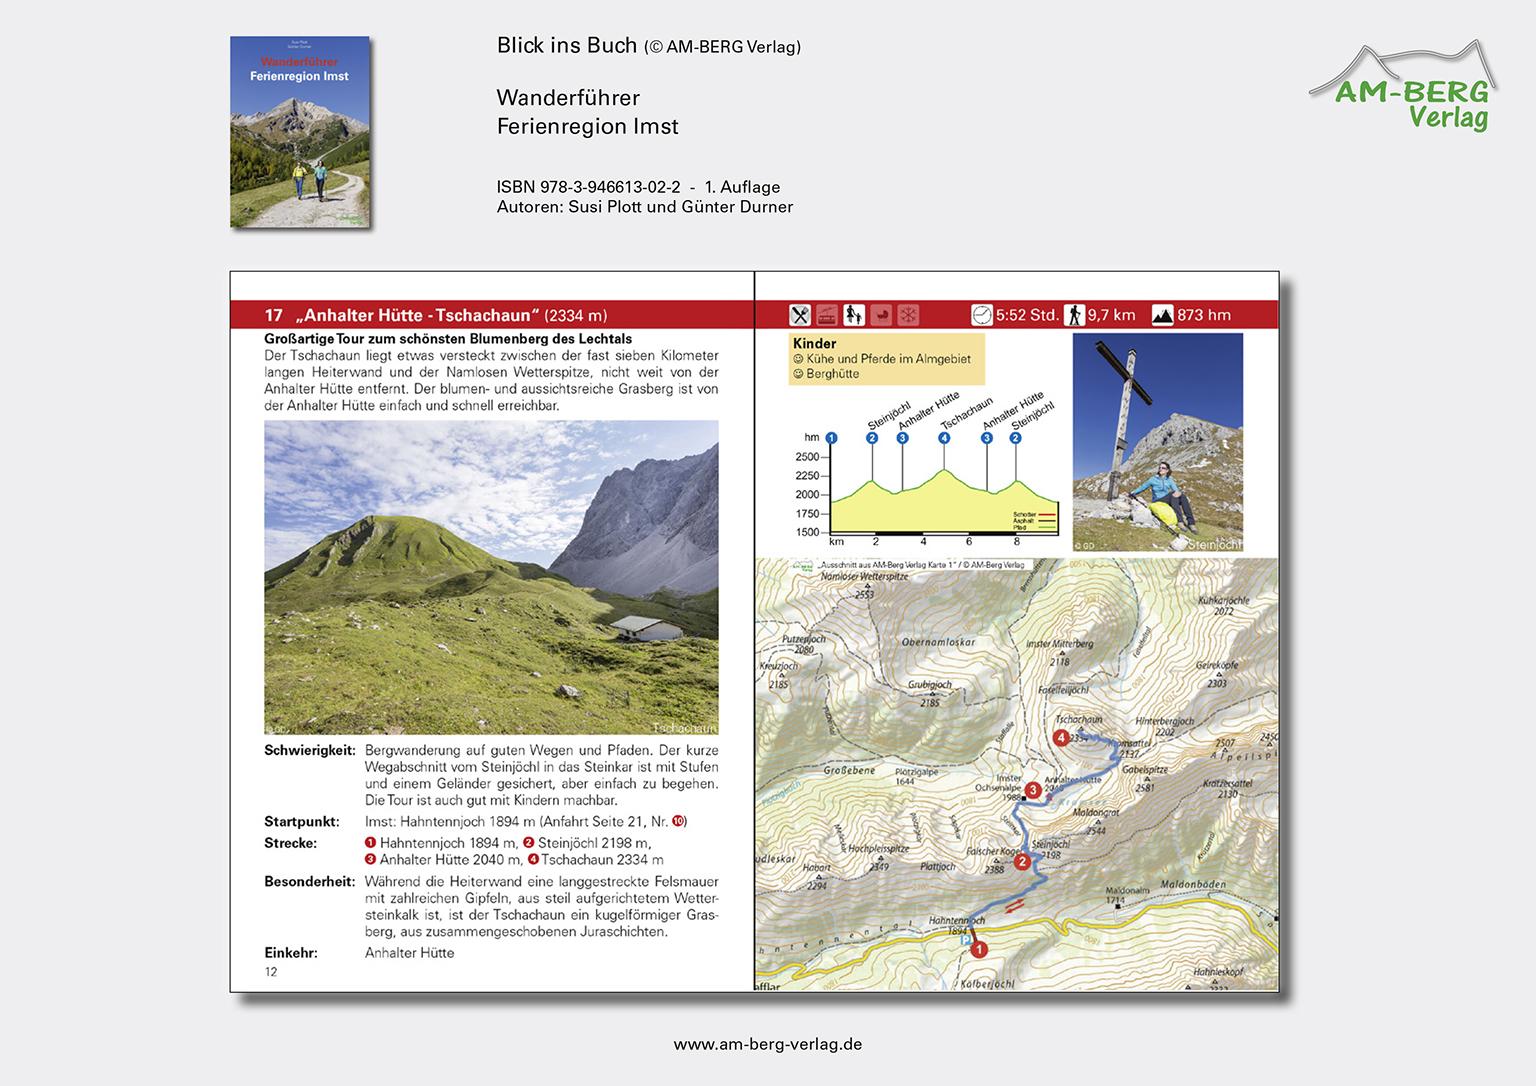 Wanderführer Ferienregion Imst_BlickinsBuch07